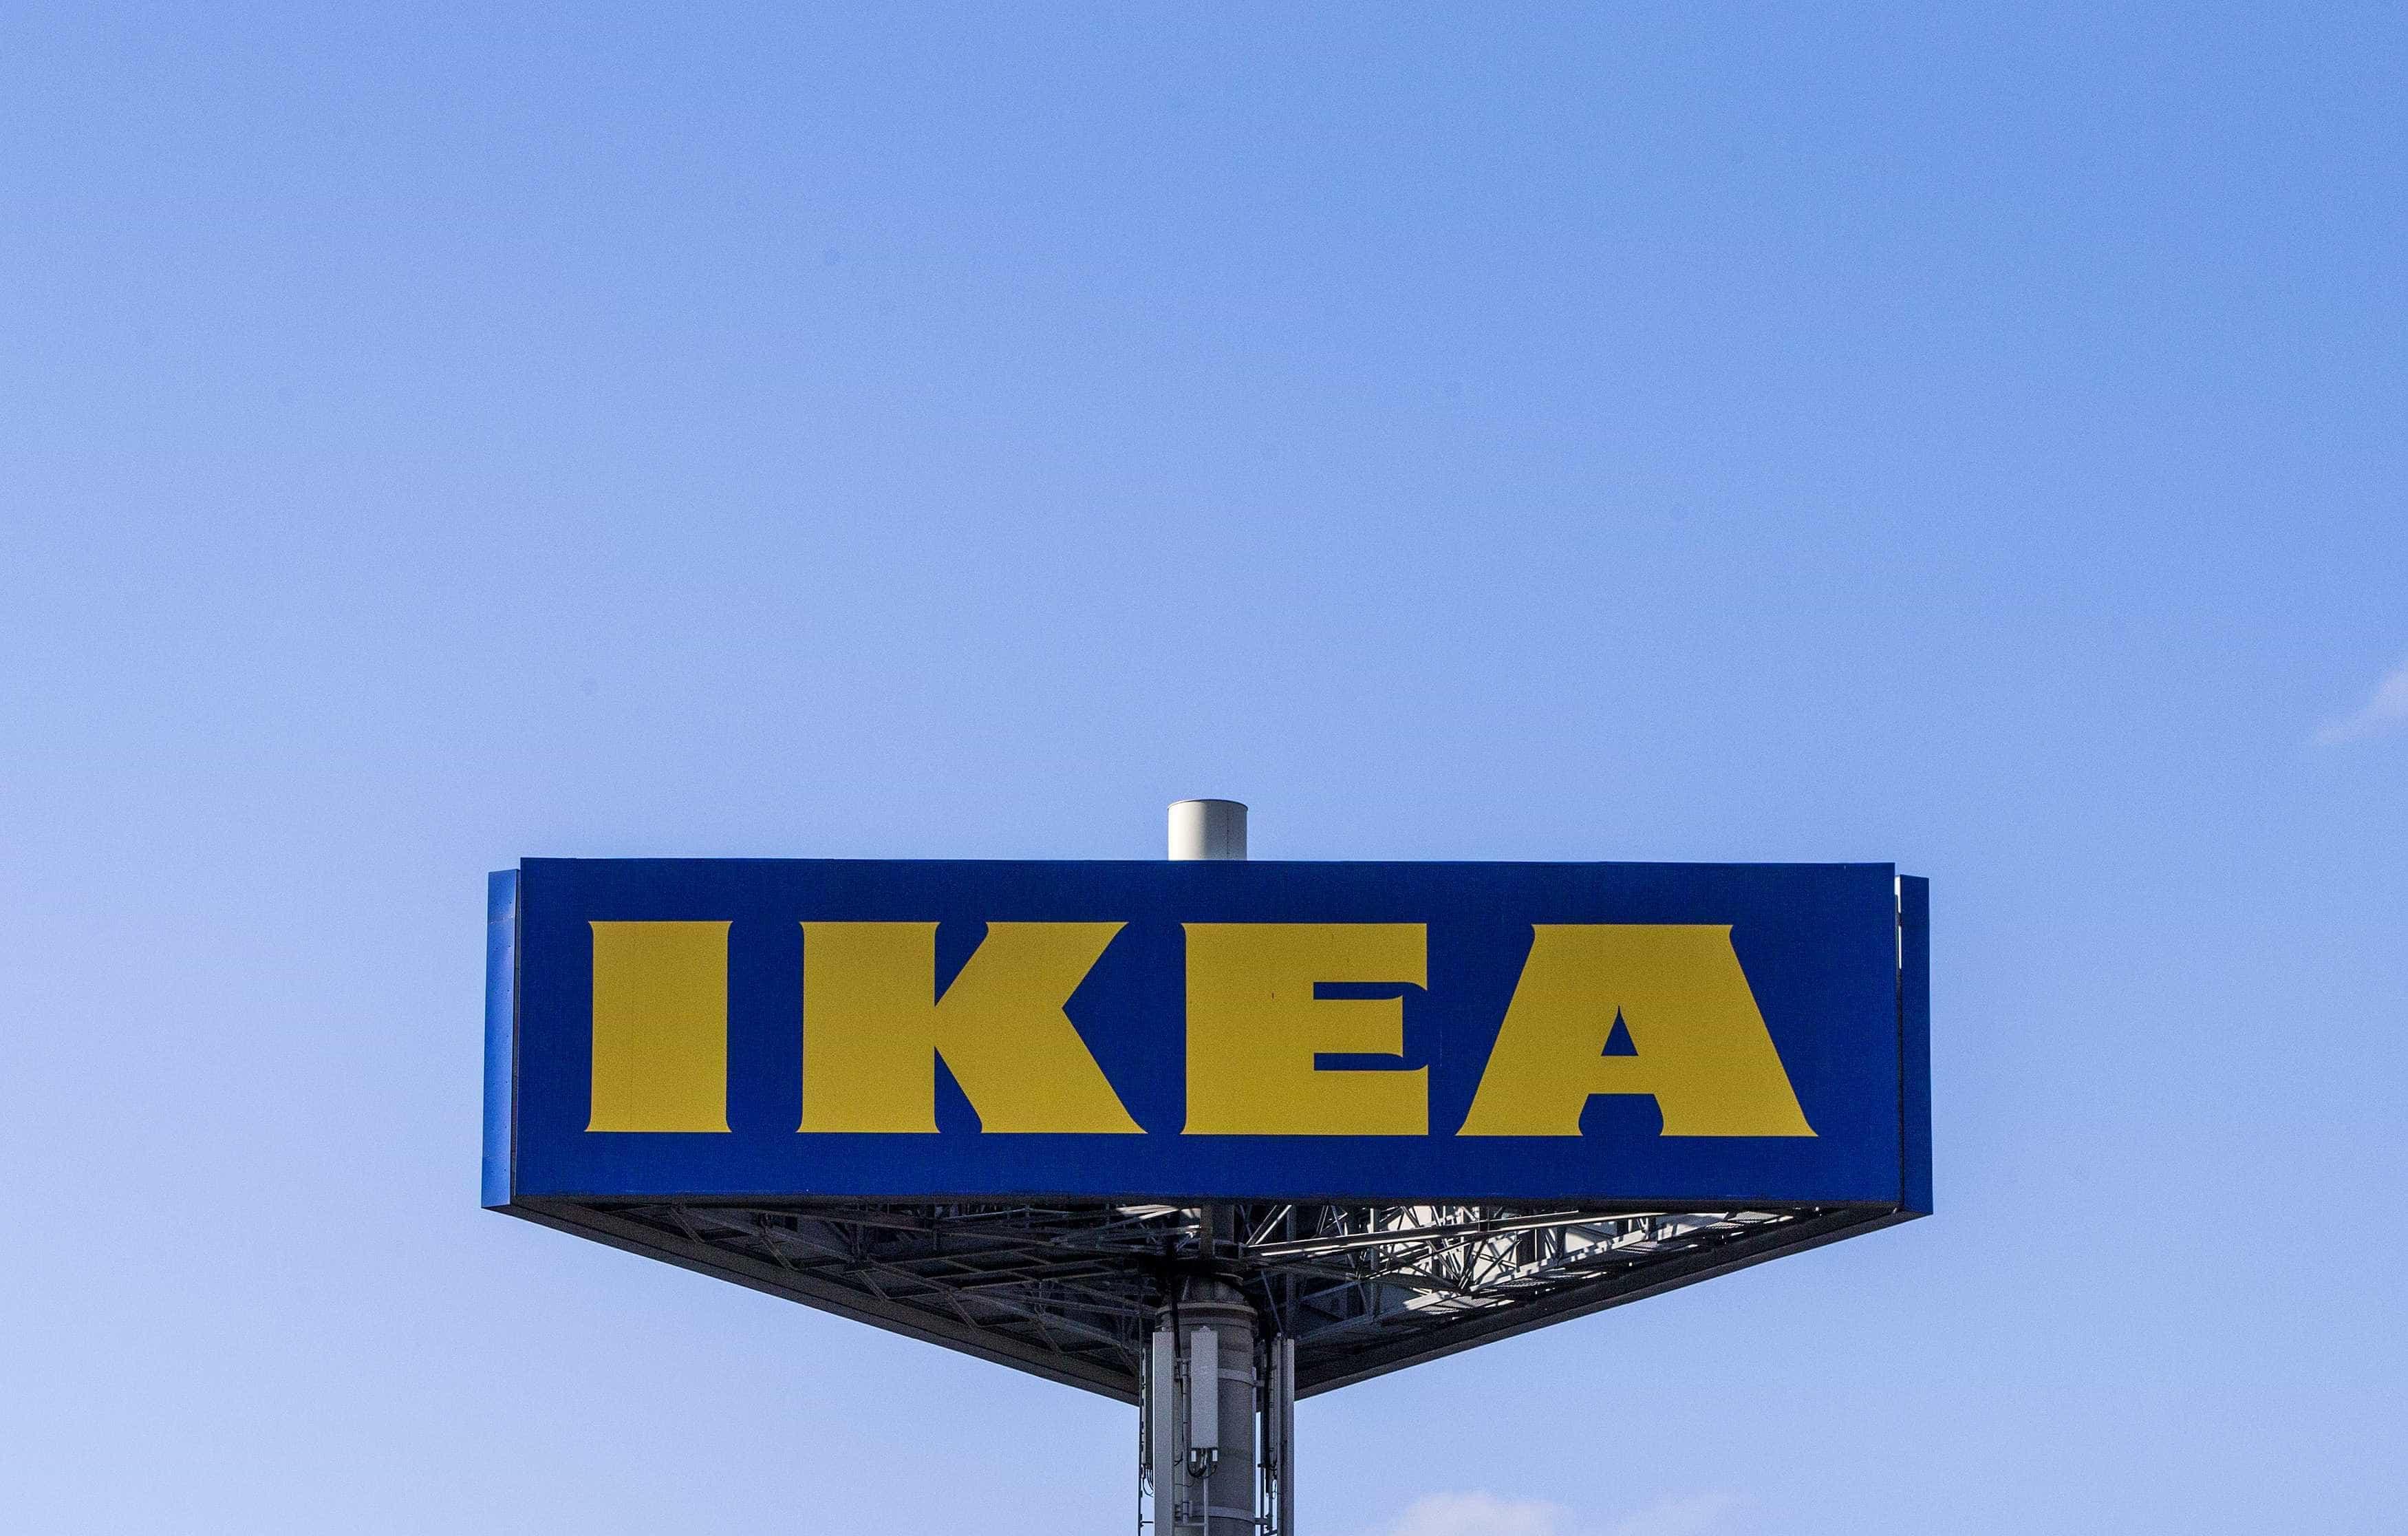 Foram ao Ikea comprar tupperwares mas ficaram três horas detidos